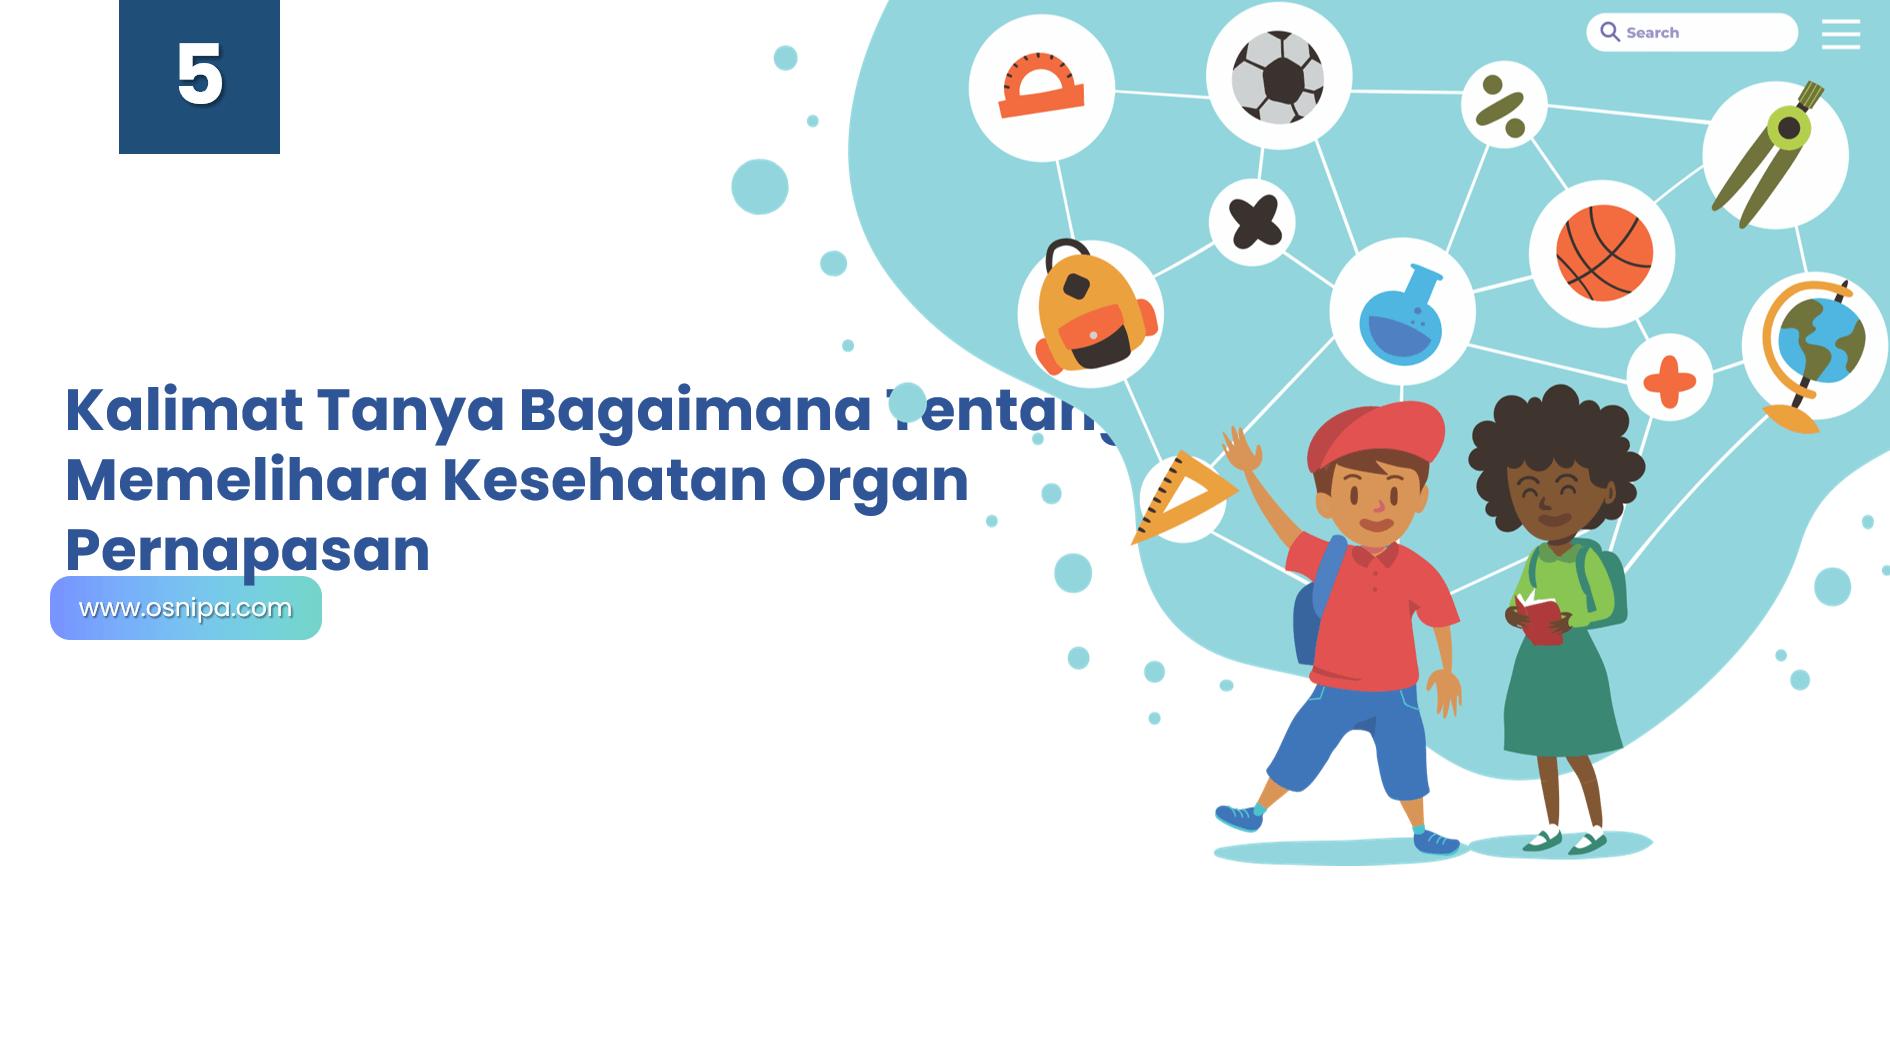 Kalimat Tanya Bagaimana Tentang Memelihara Kesehatan Organ Pernapasan